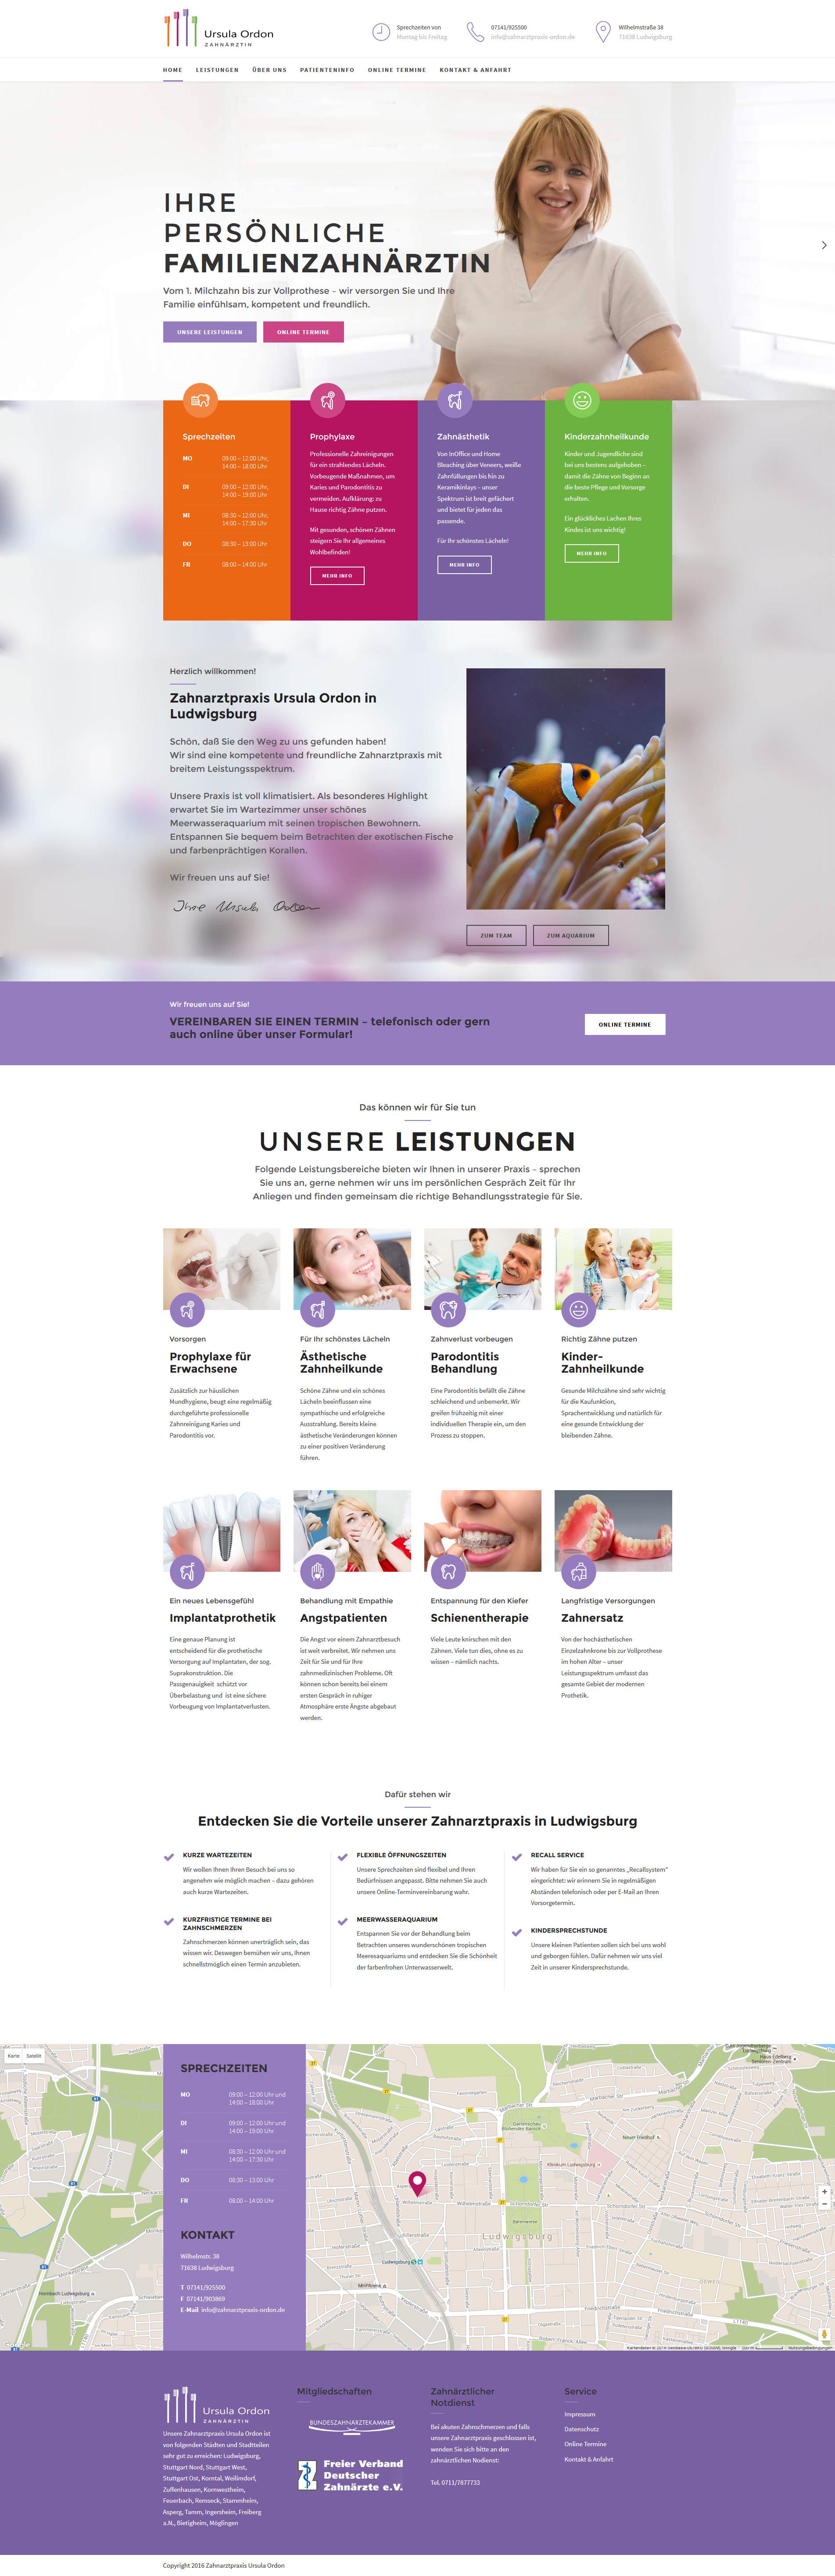 Zahnarzt-Website Ludwigsburg